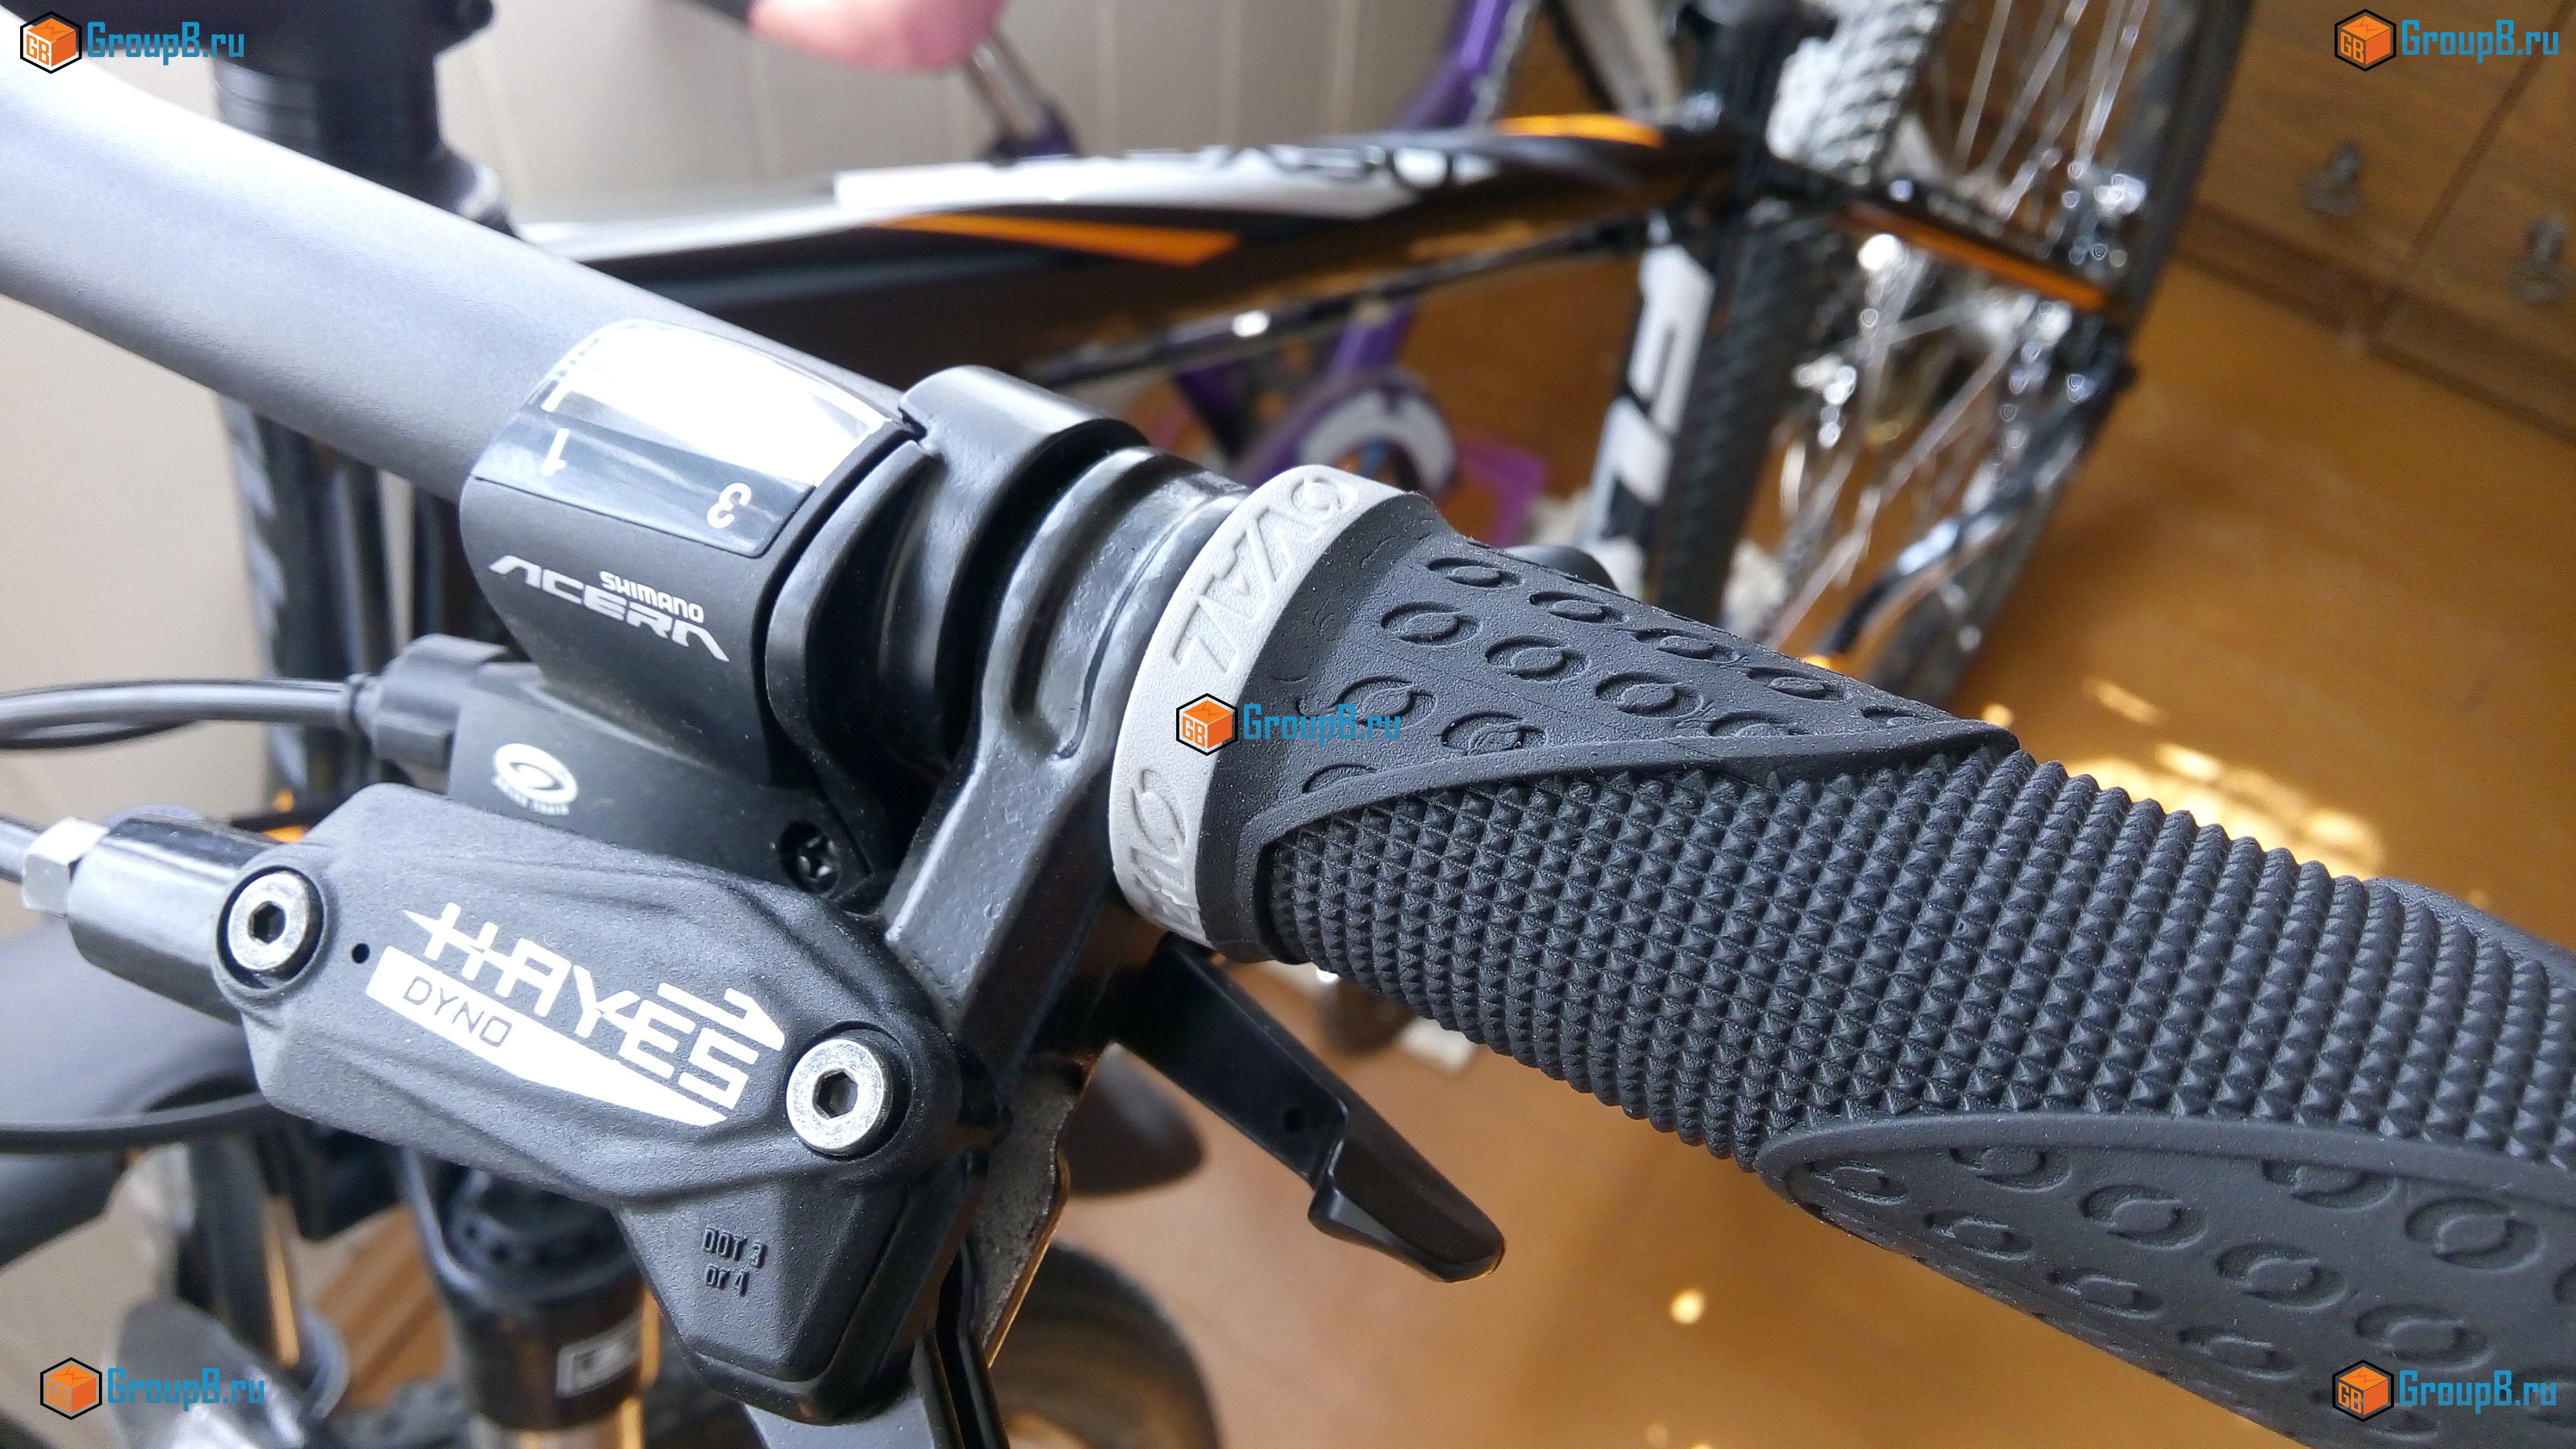 Coolpad f1 камера